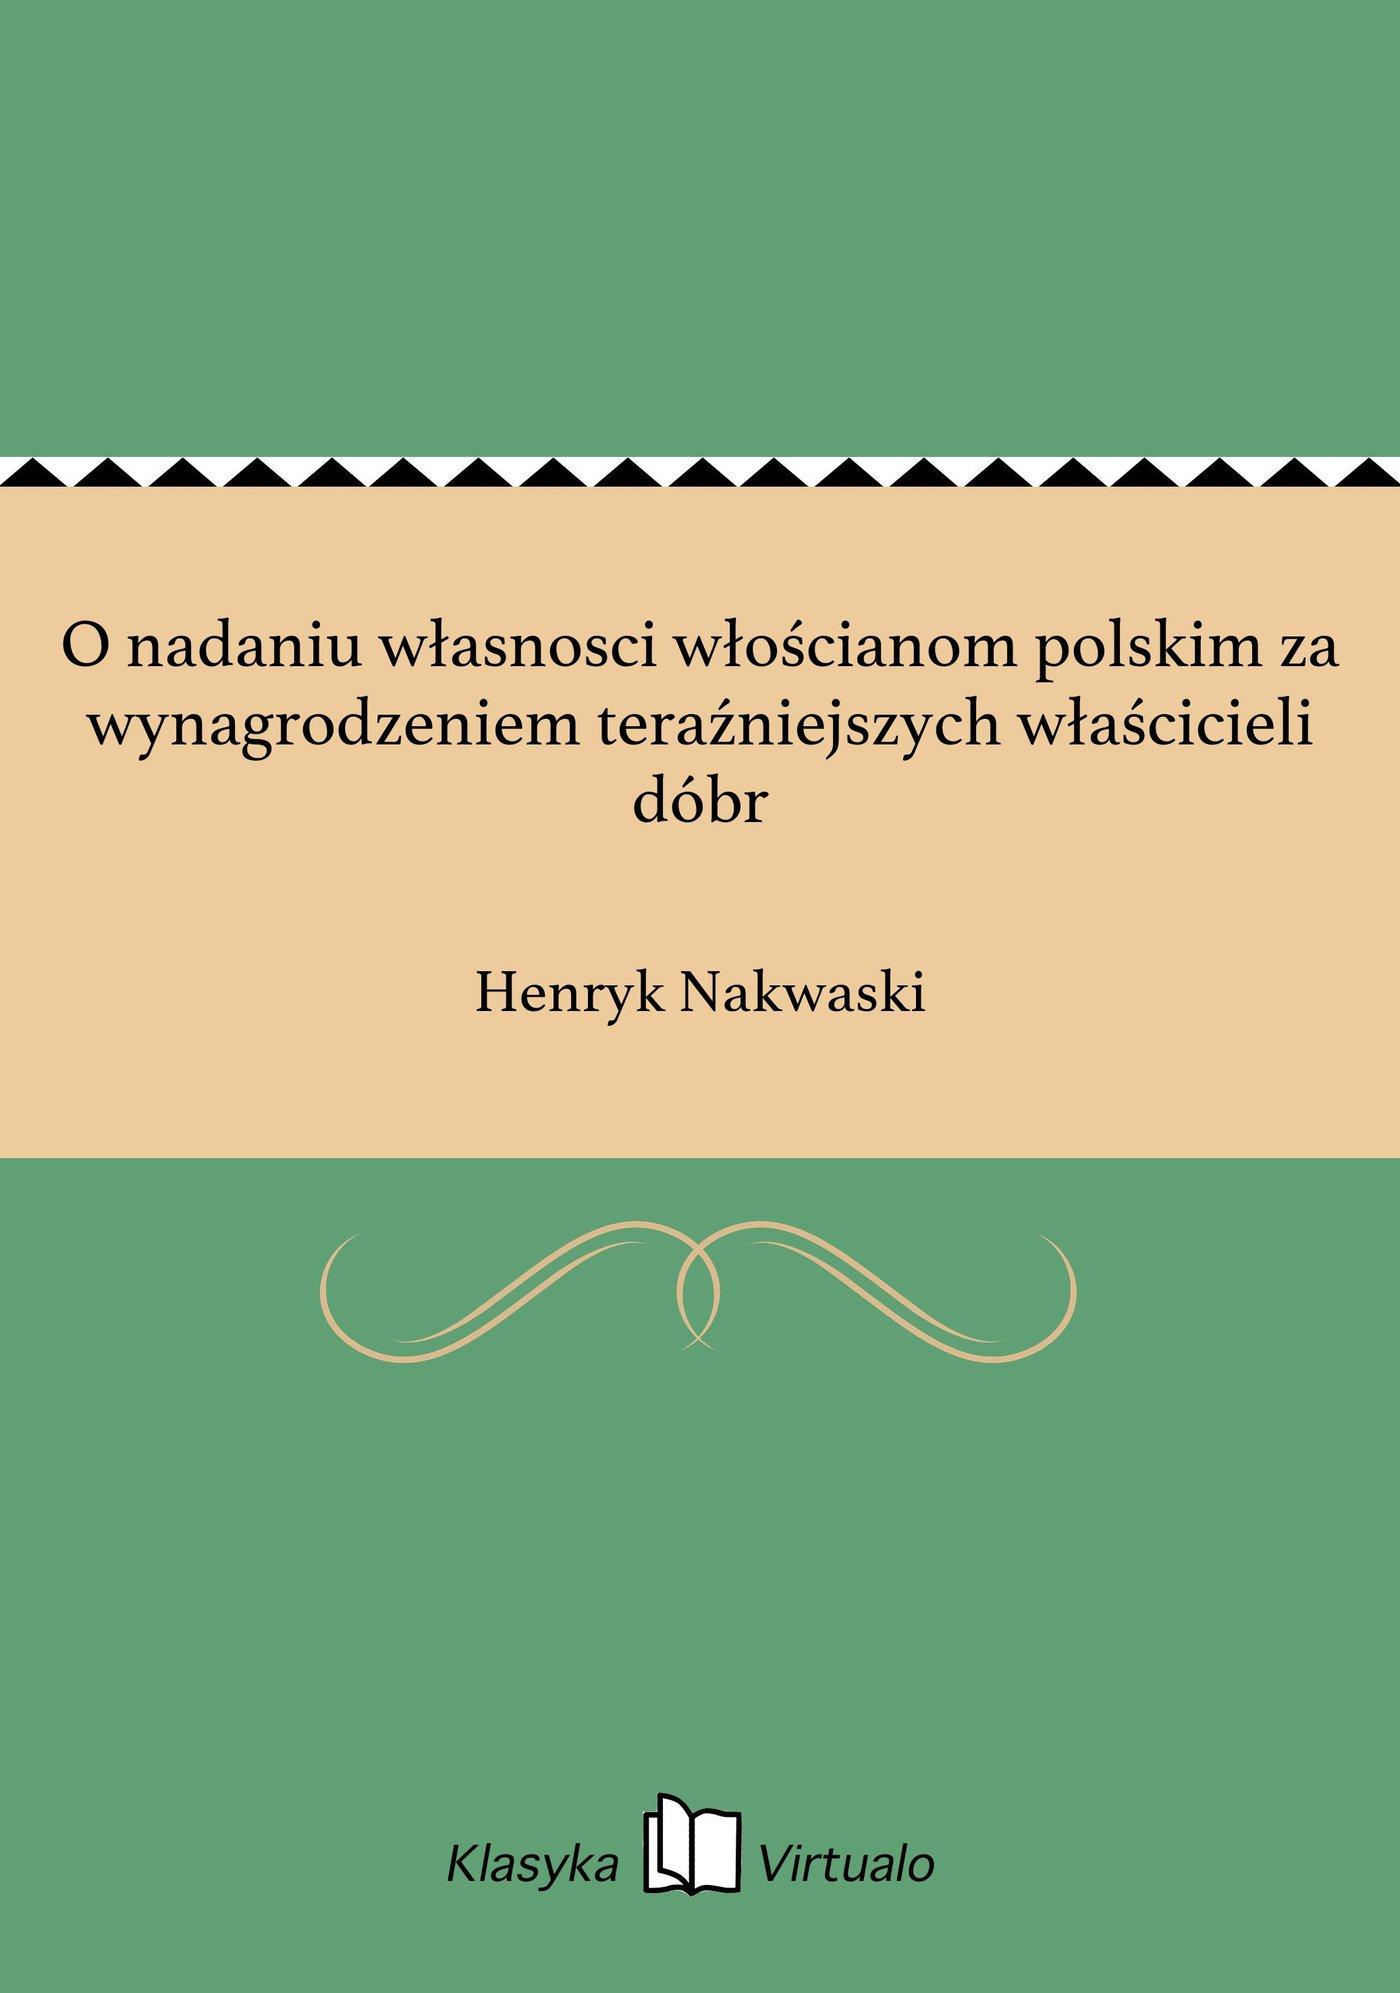 O nadaniu własnosci włościanom polskim za wynagrodzeniem teraźniejszych właścicieli dóbr - Ebook (Książka EPUB) do pobrania w formacie EPUB